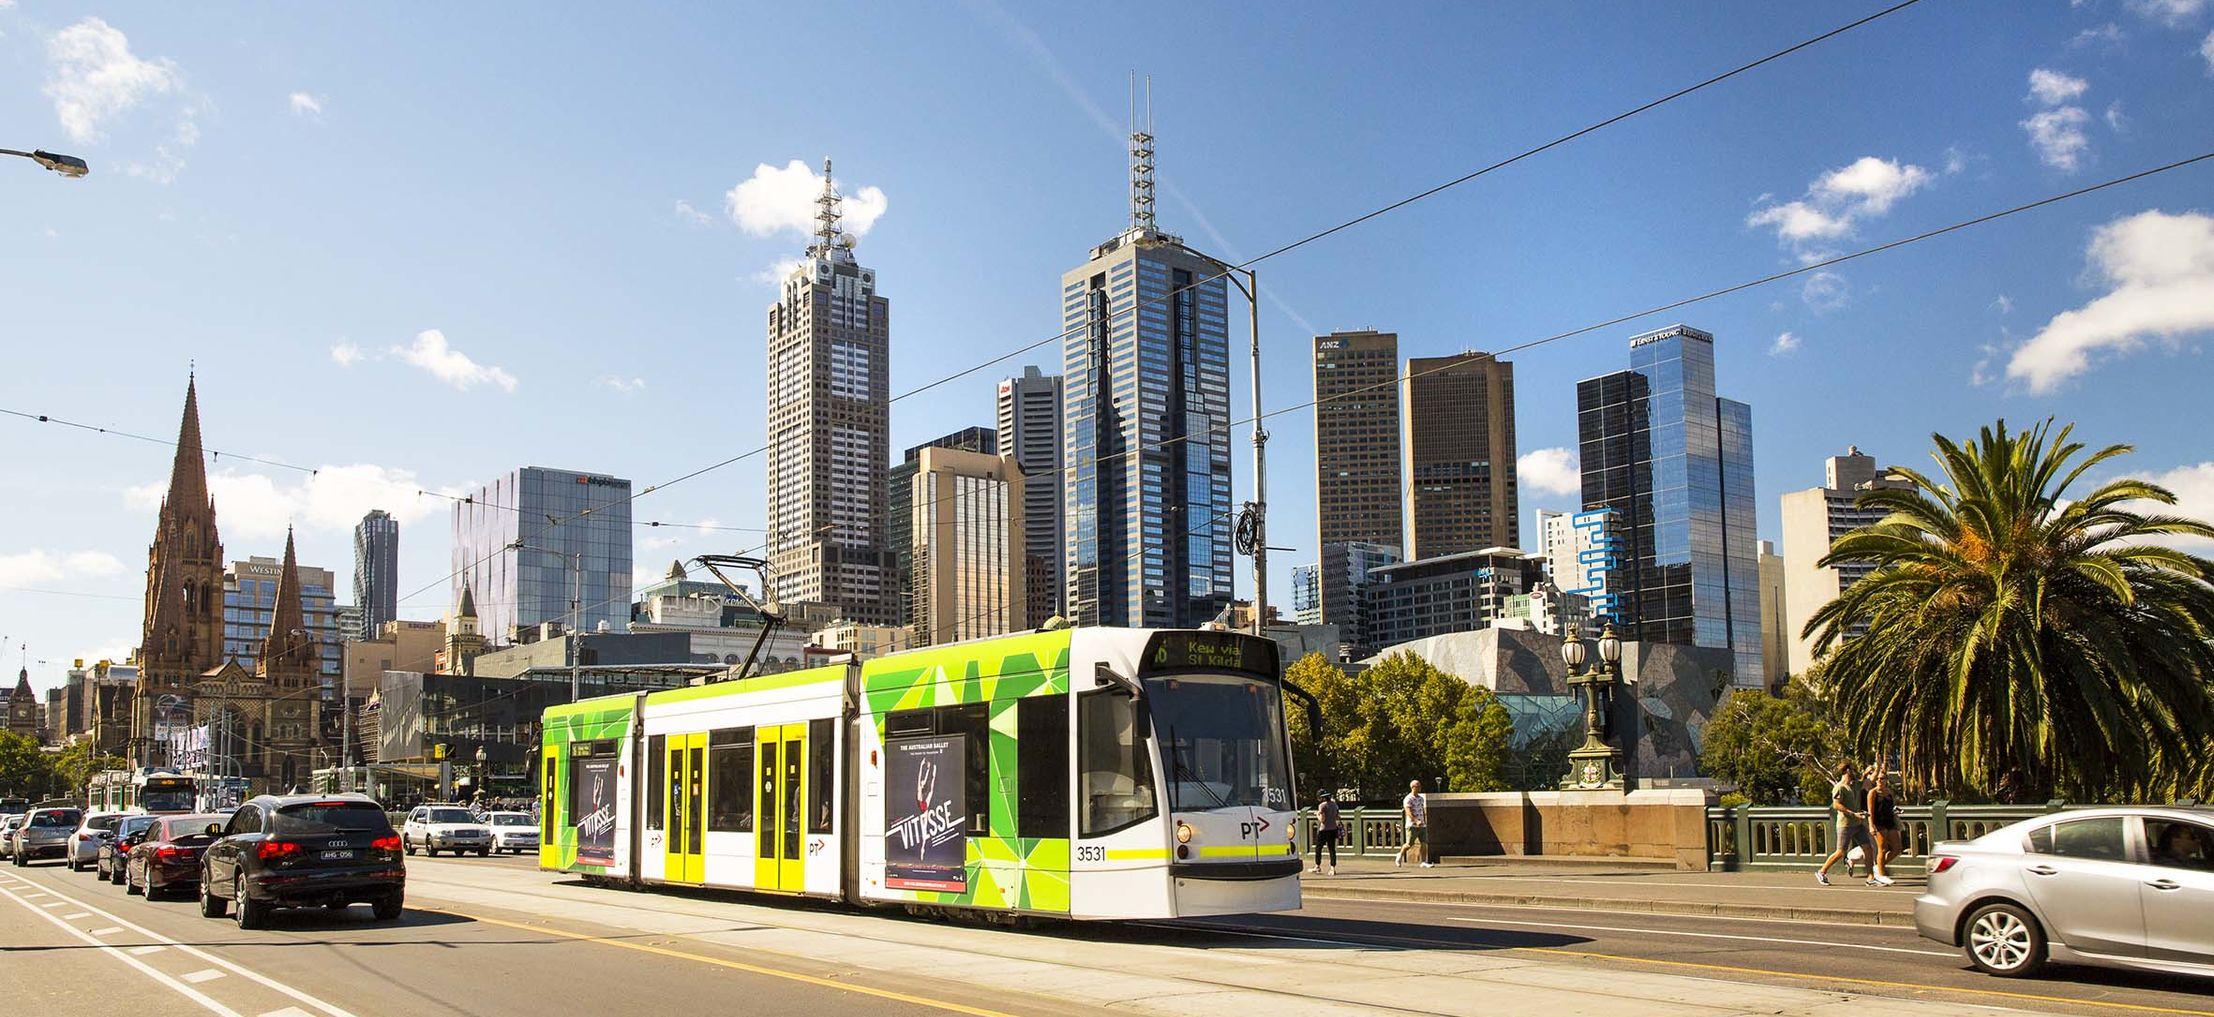 Austrália: o que você precisa saber para viver no país - transporte 03